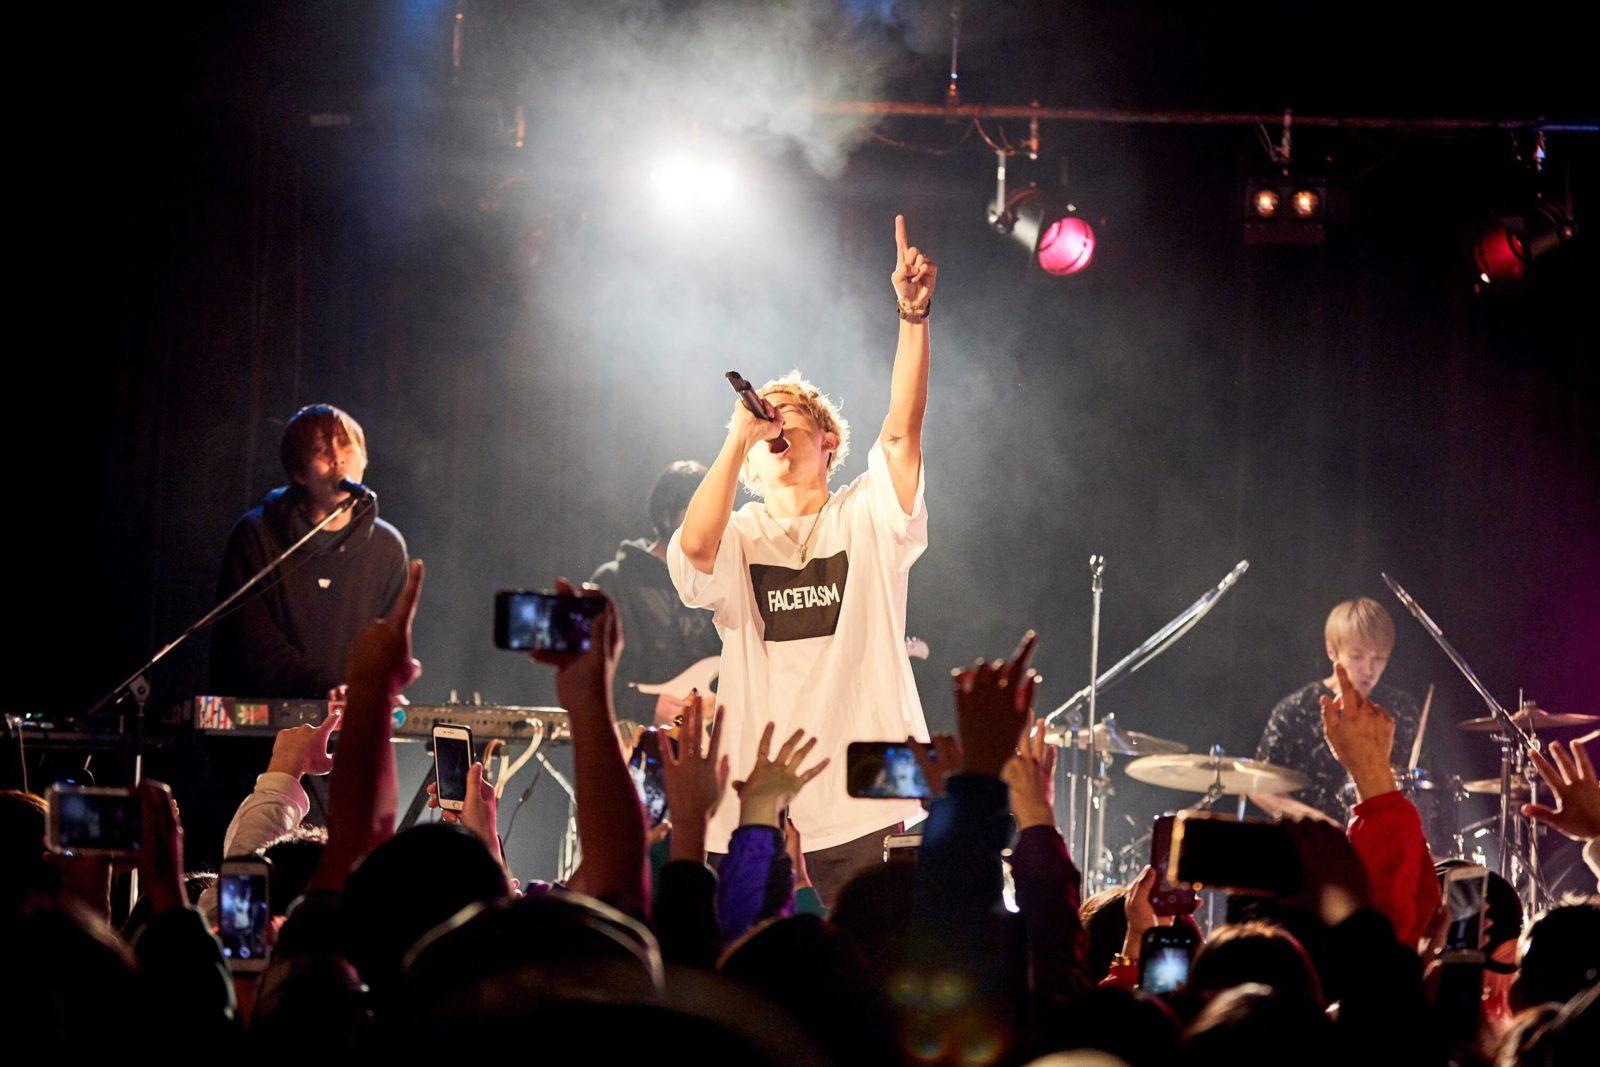 新世代アーティストRude-α、メジャーデビューEP「22」から、リード曲『wonder』が先行配信リリース決定サムネイル画像